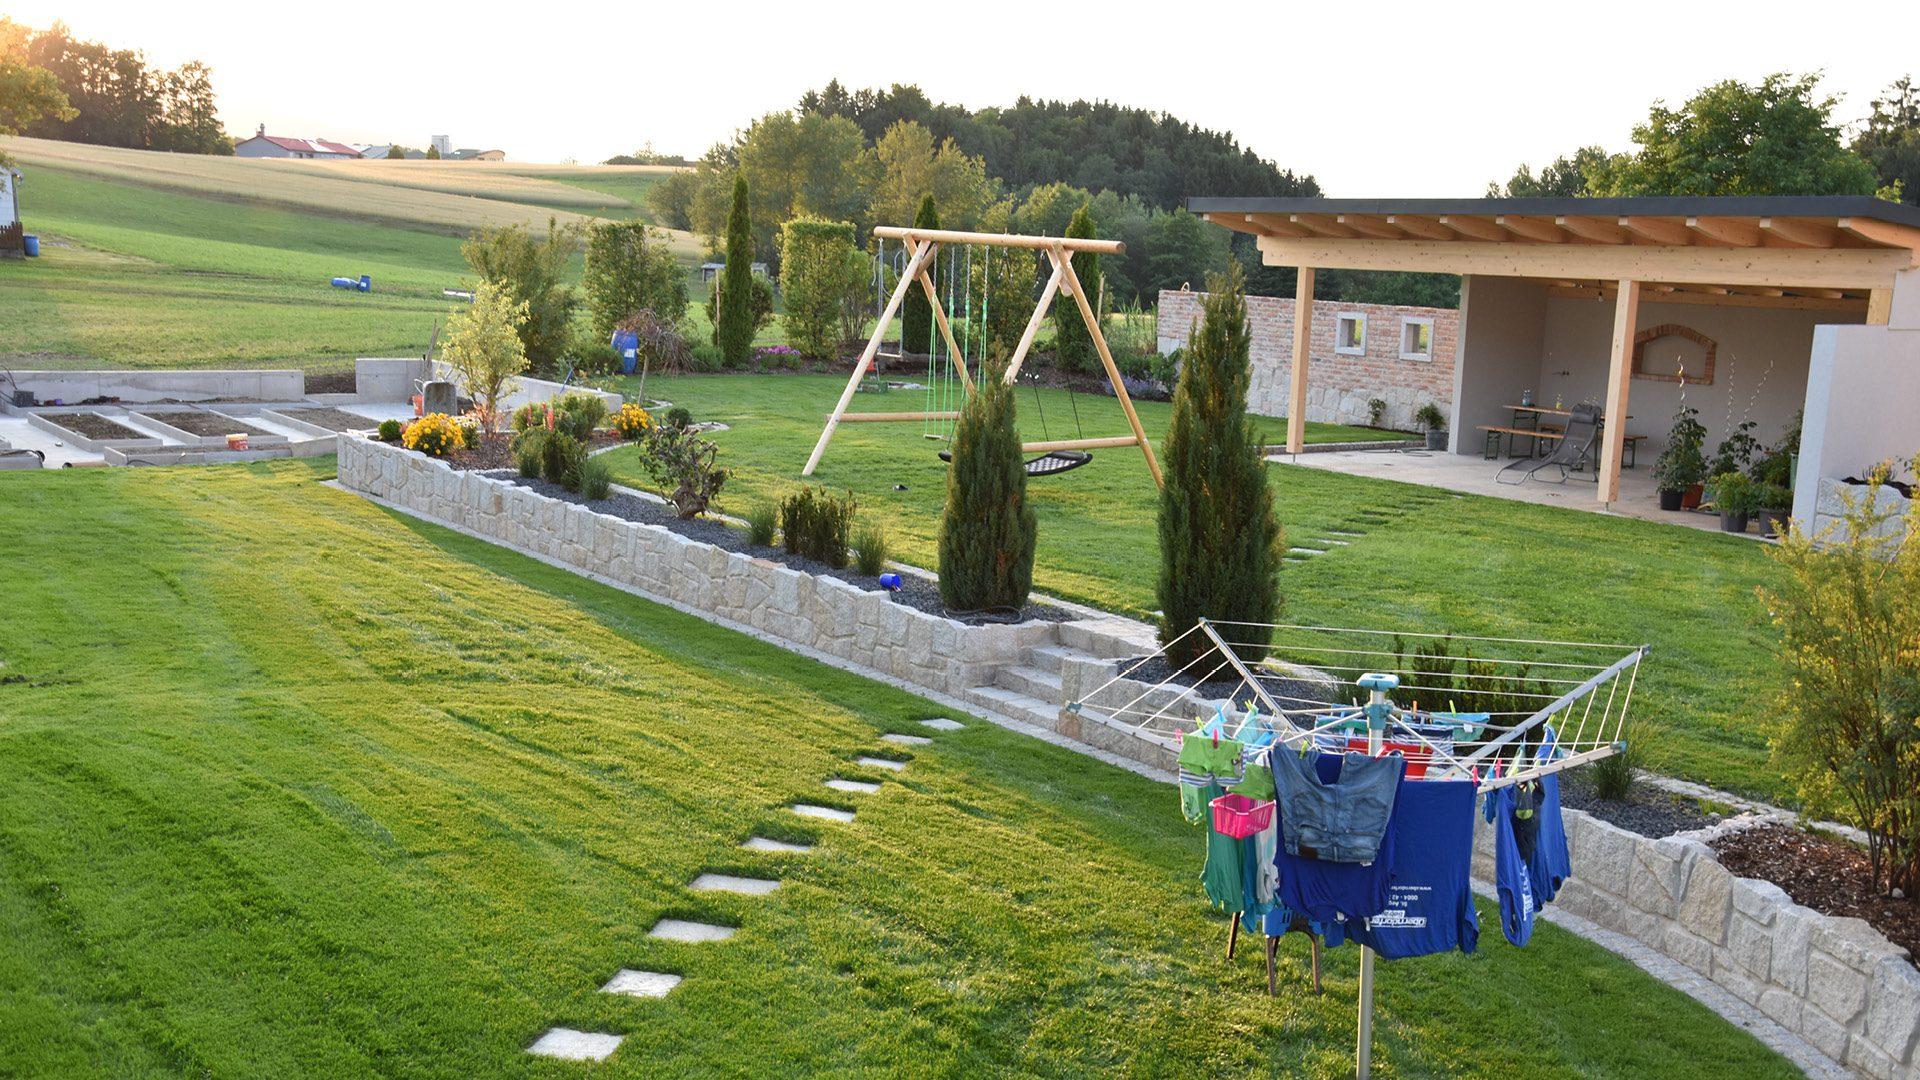 Familiengarten zum Entspannen - Maschinenring Blog ...